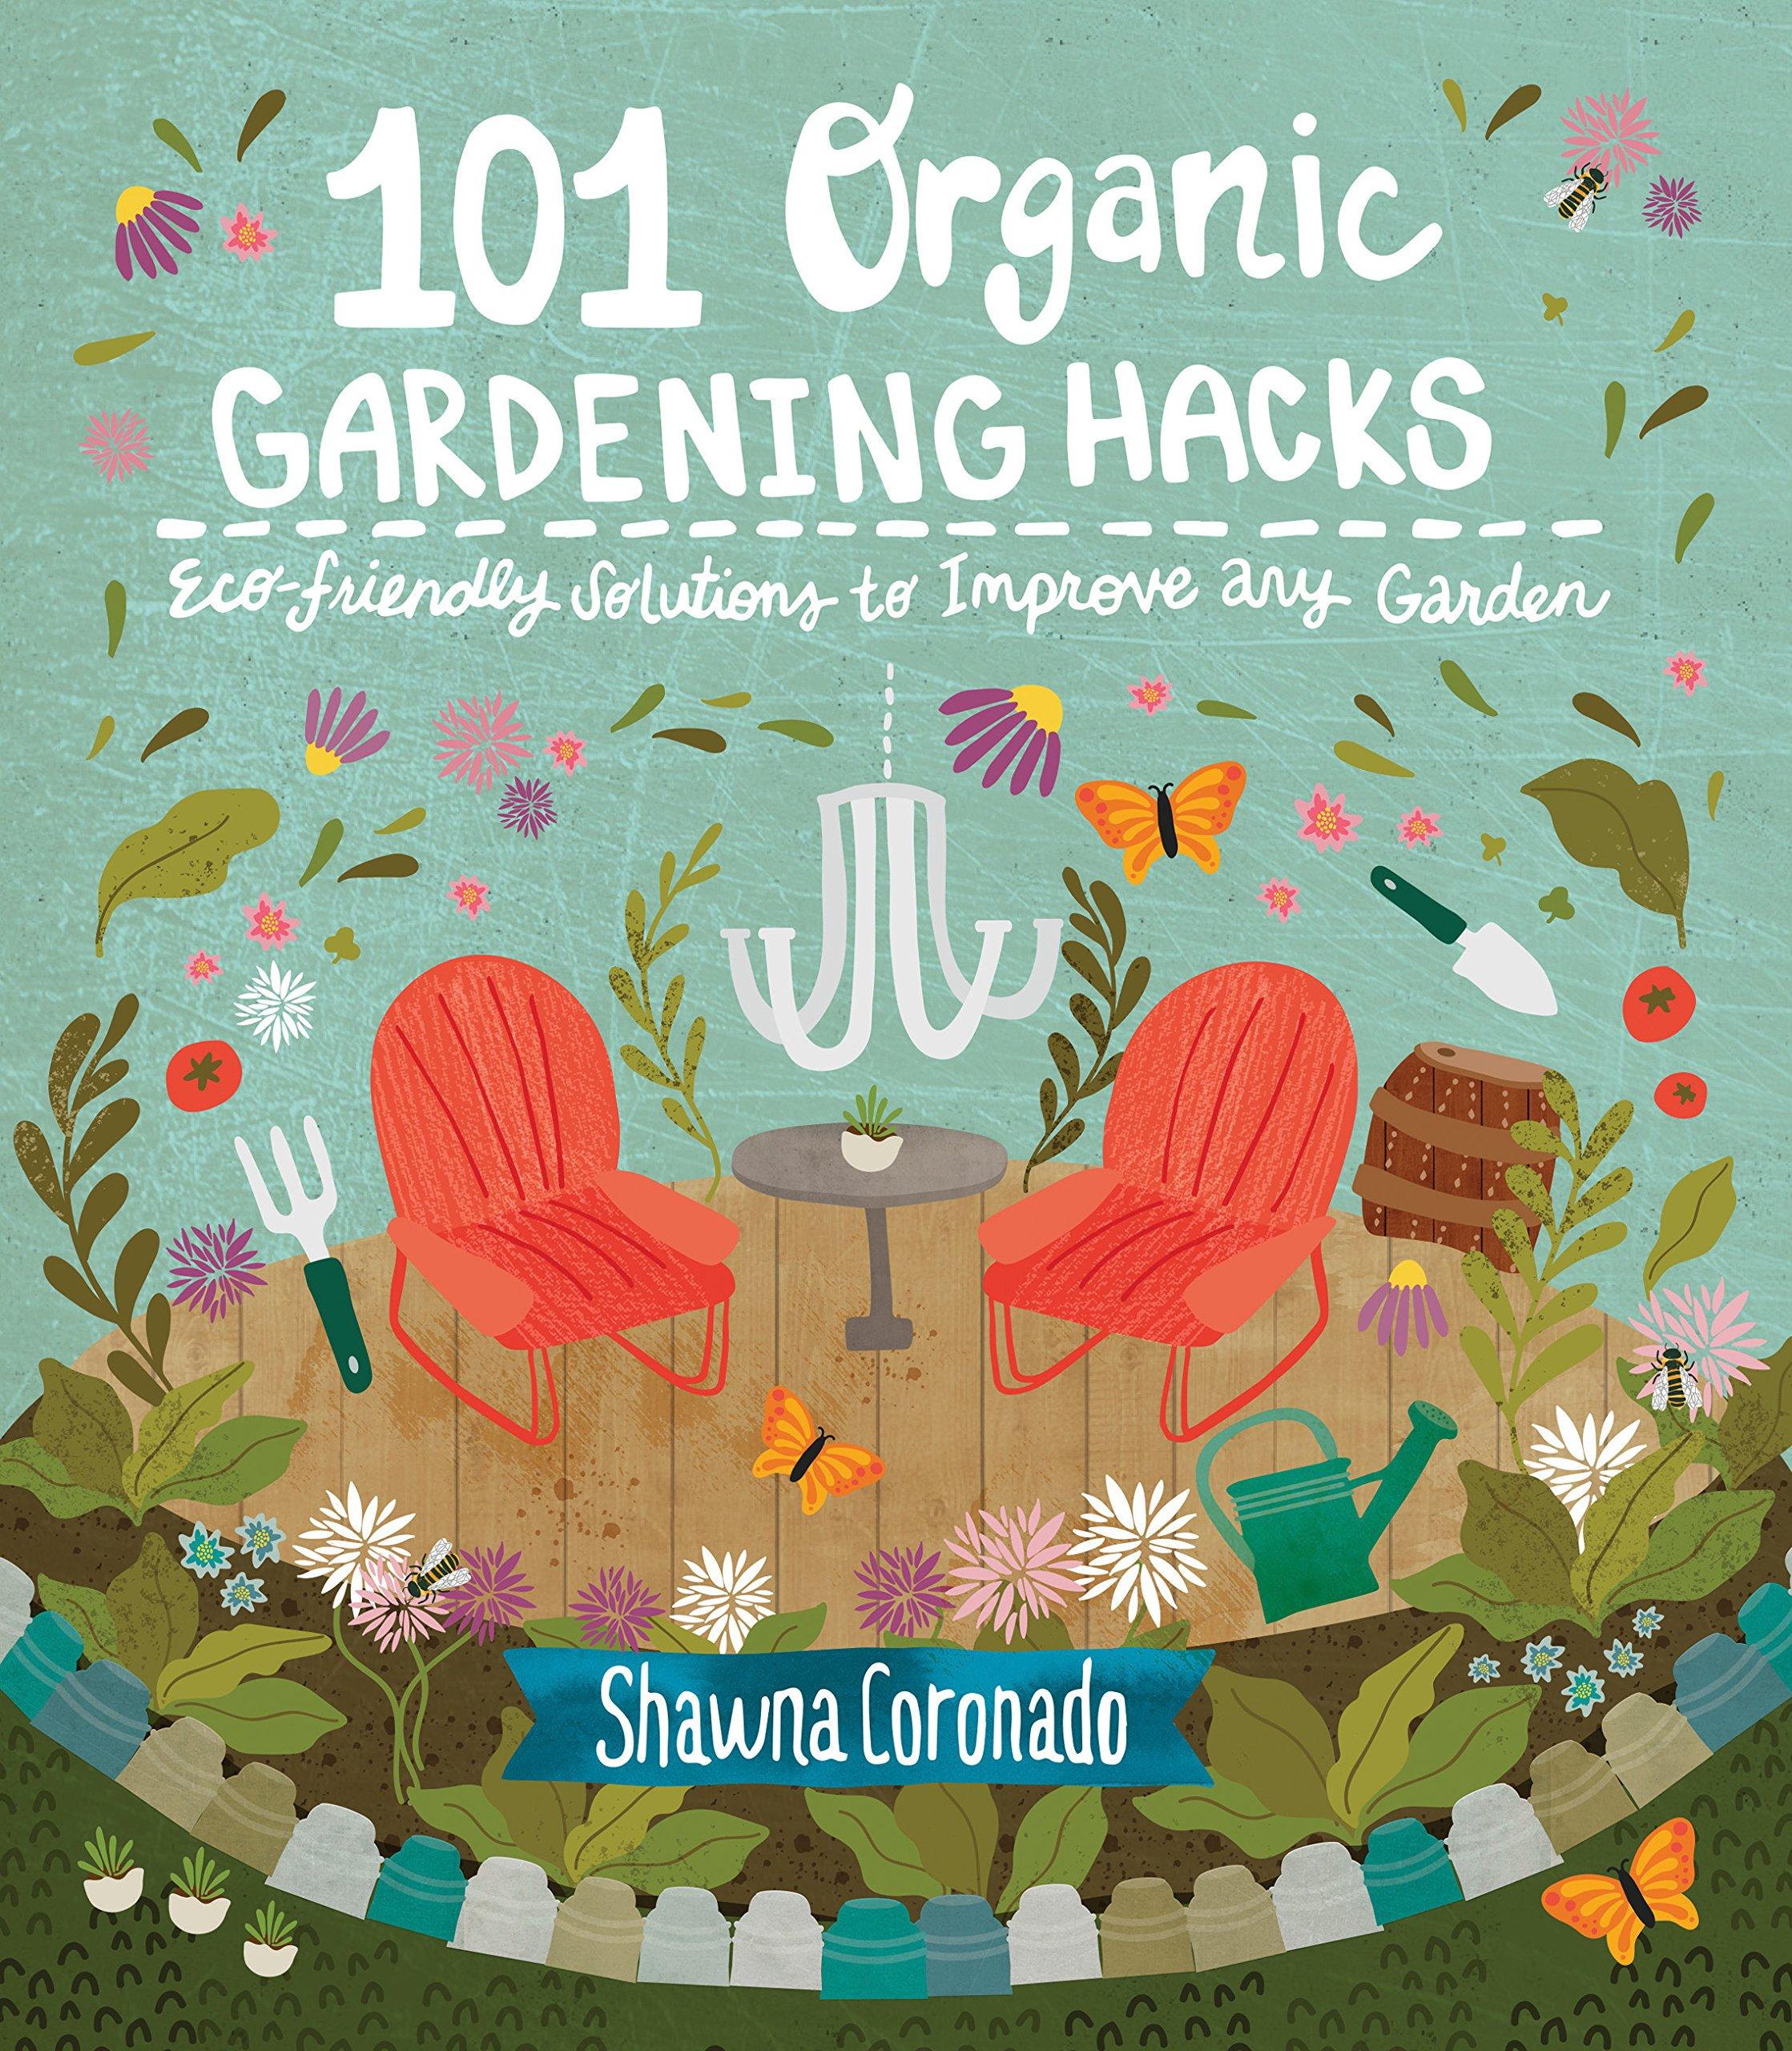 101 organic gardening hacks.jpg